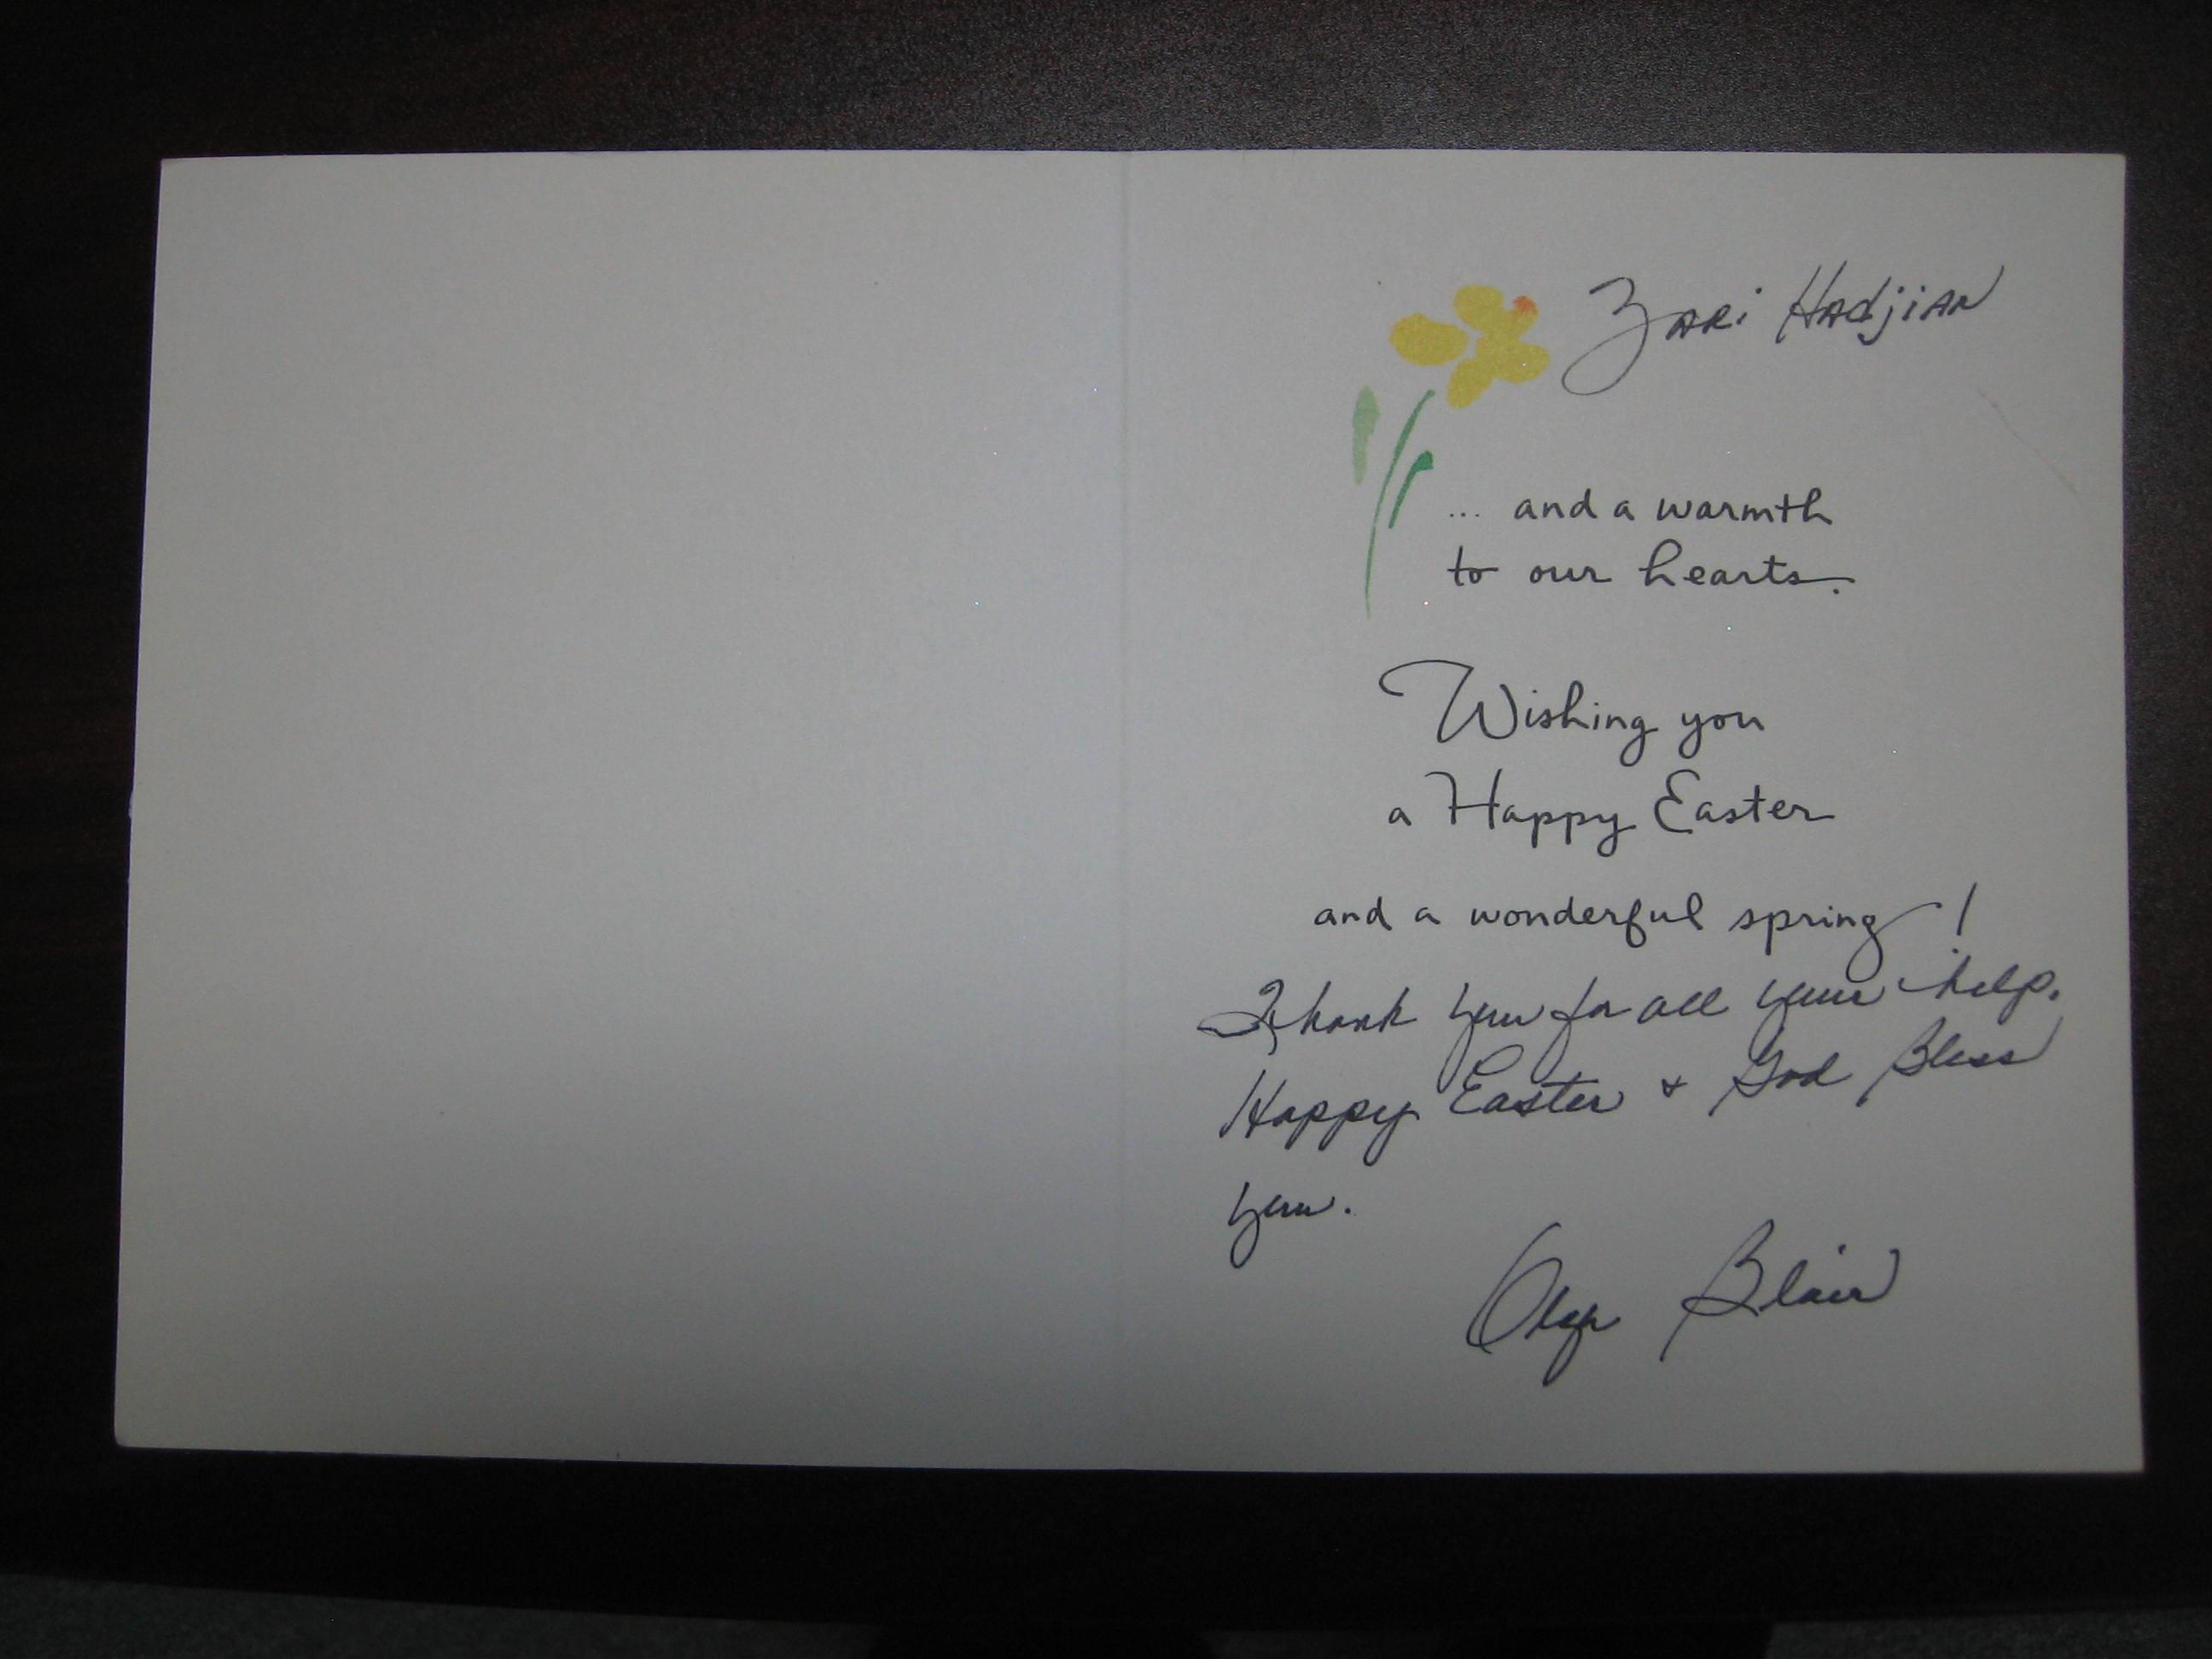 Happy Eastern Card - O. Blair